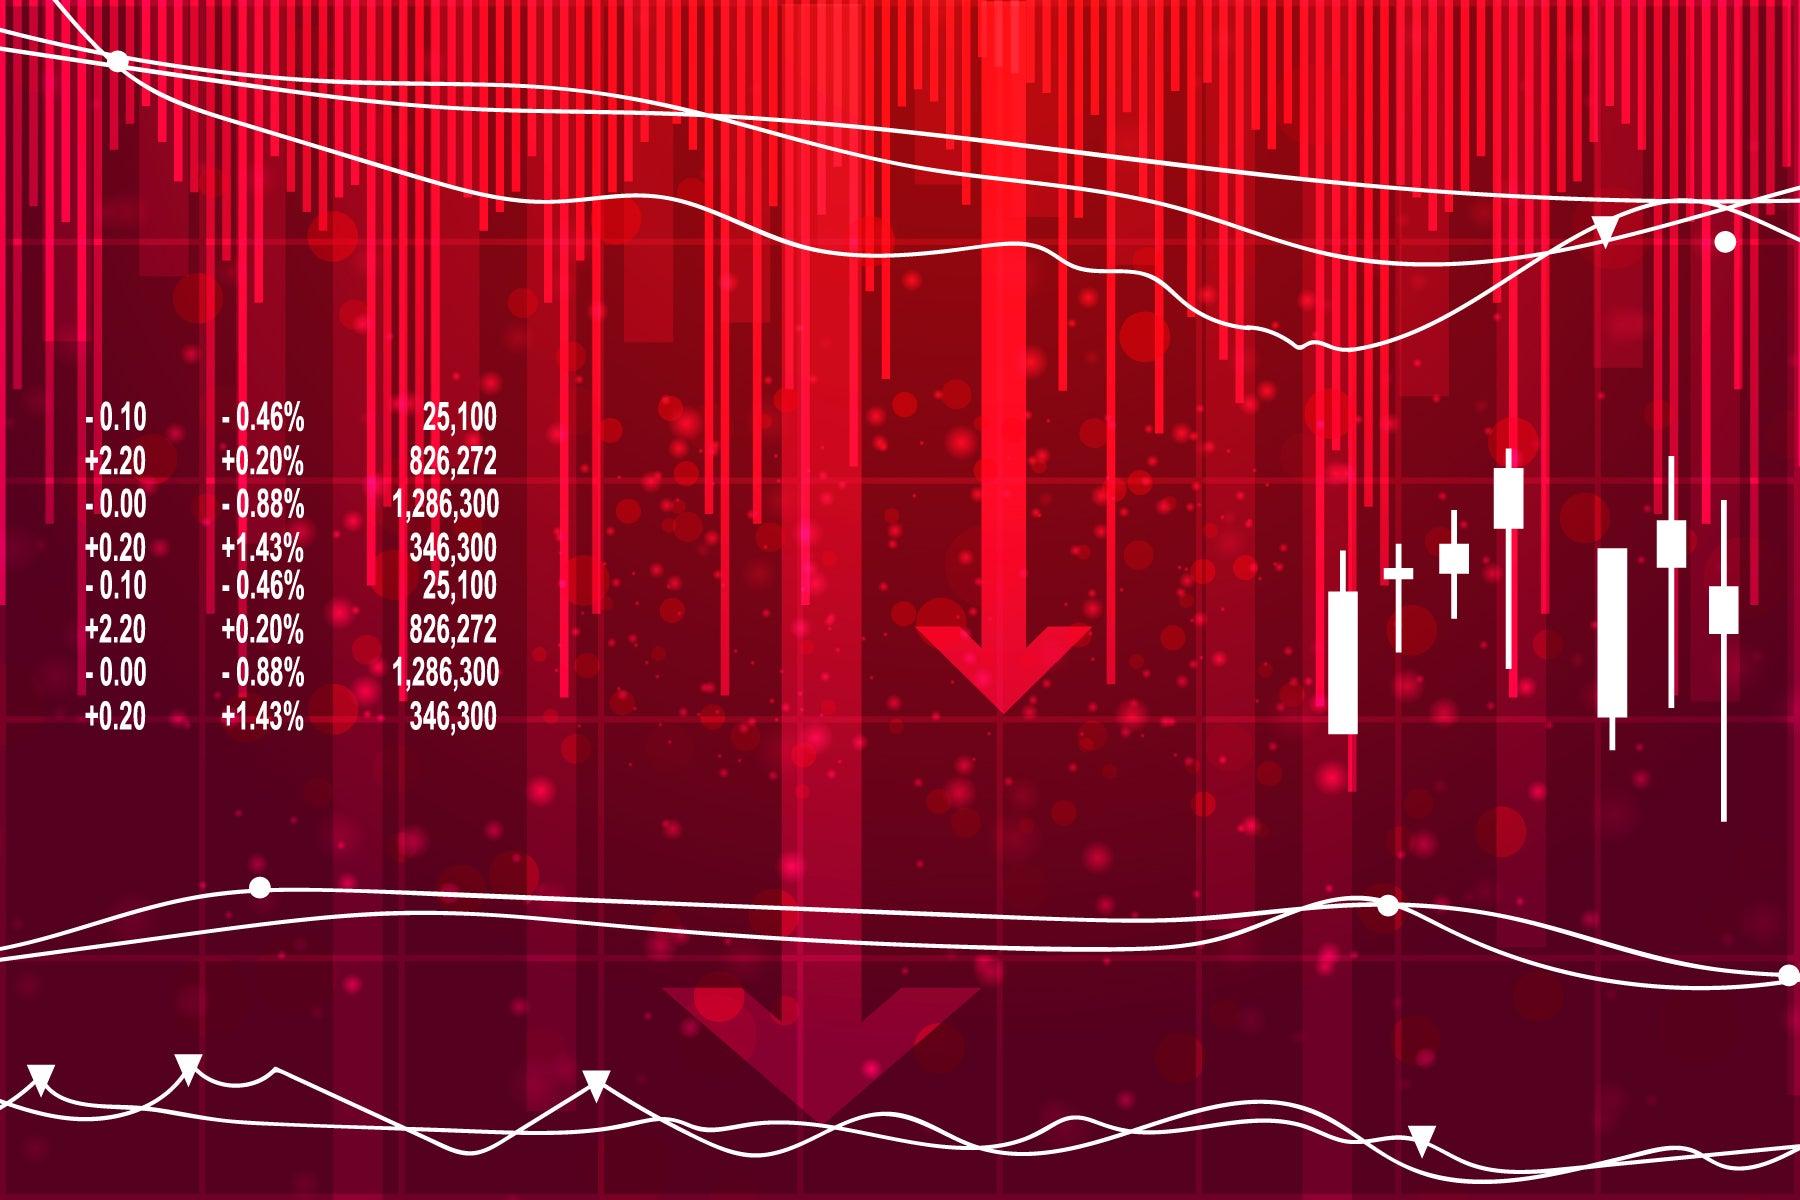 Las recesiones particularmente severas a menudo implican el empeoramiento de las condiciones crediticias que hacen que las empresas abandonen el mercado.